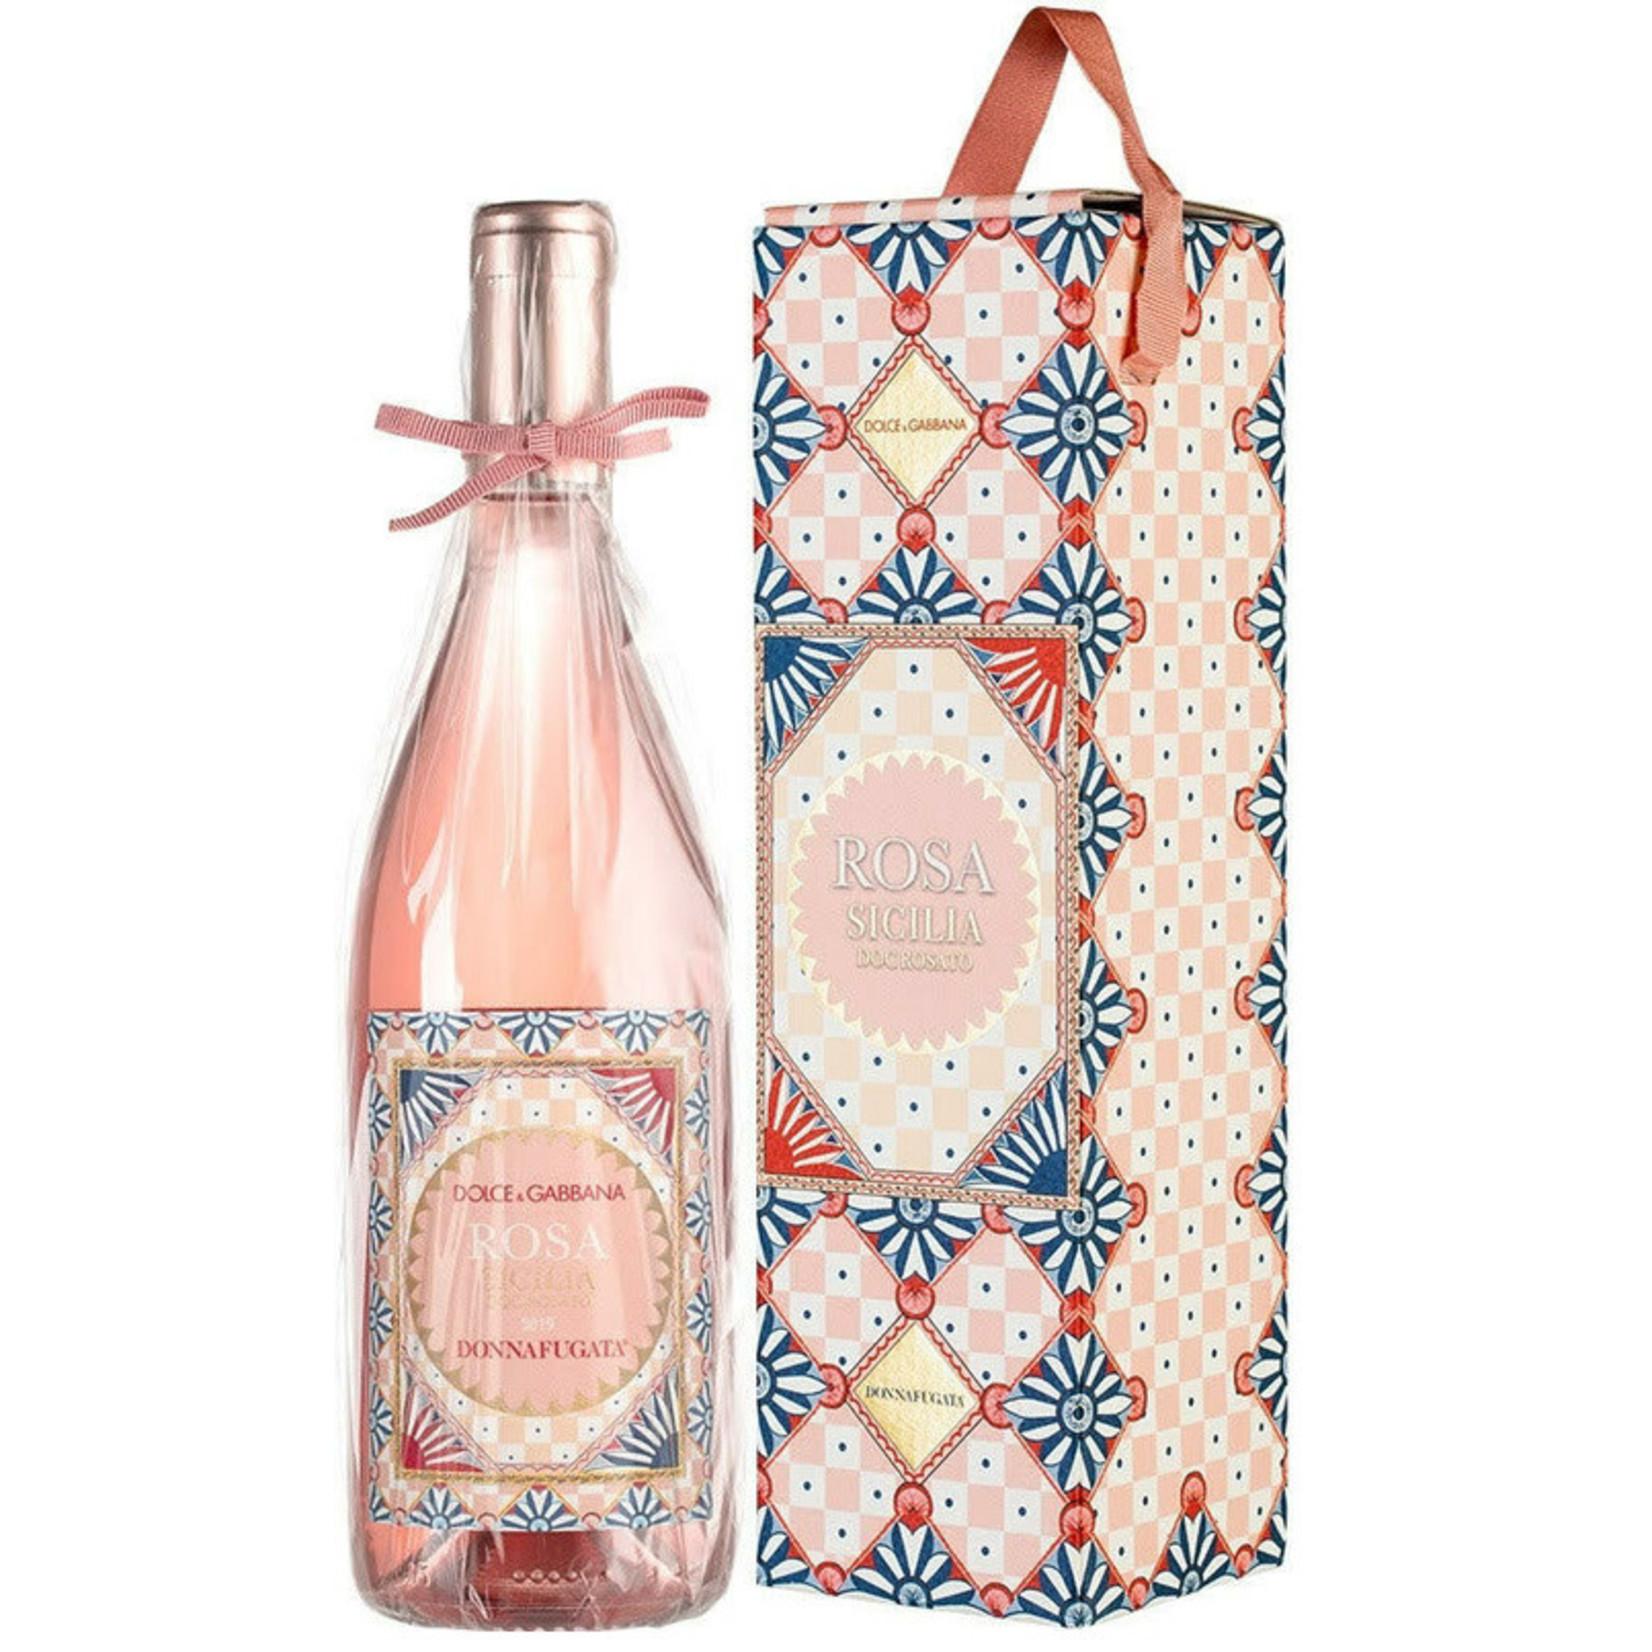 Wine Donnafugata Rosa Sicilia Dolce Gabbana Rose 2020 Gift Box